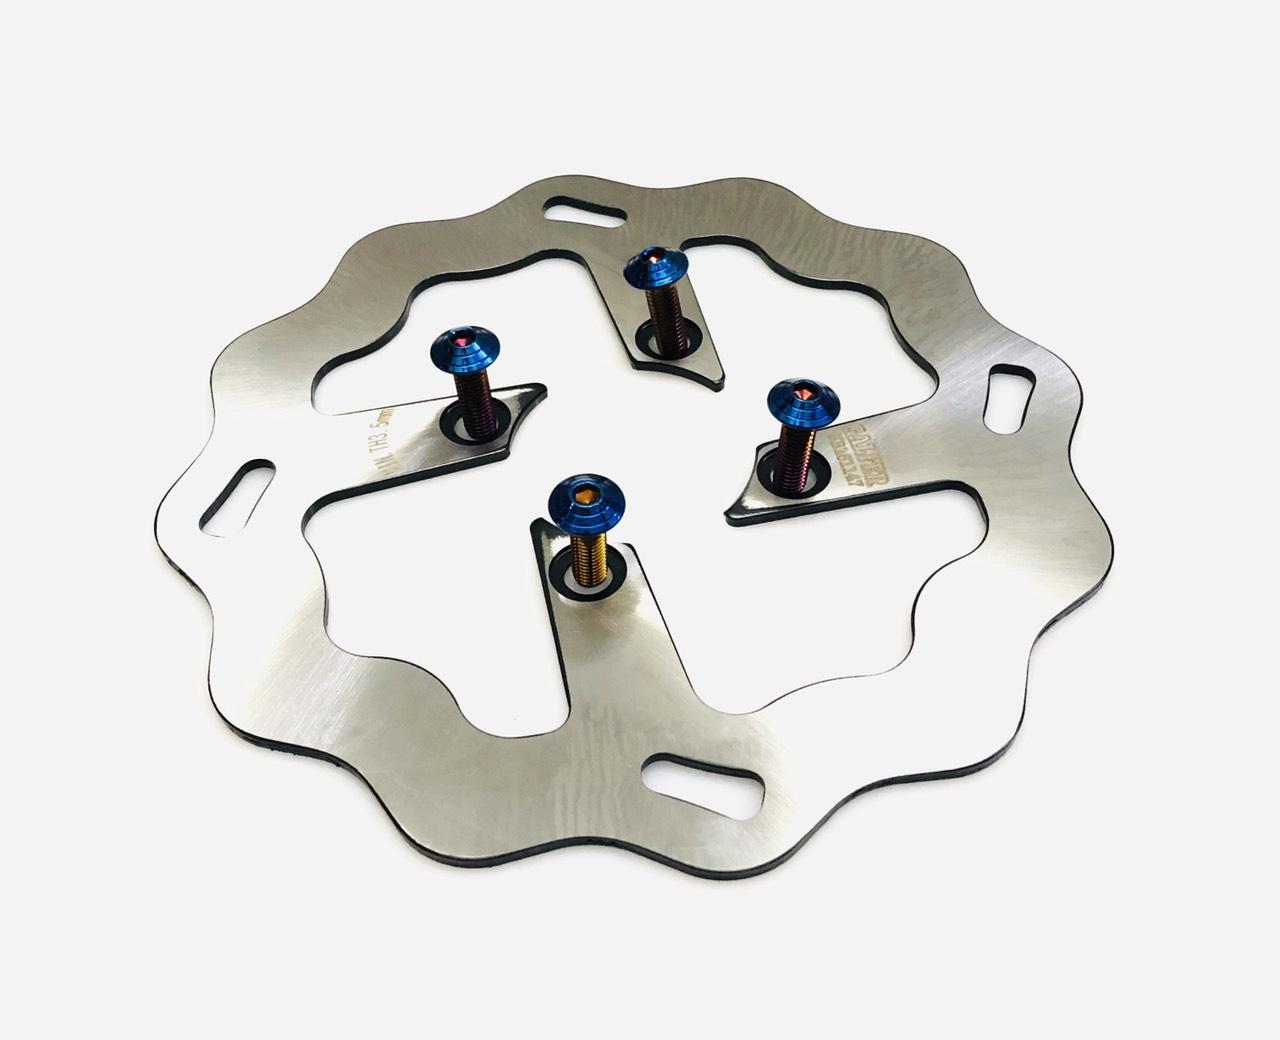 đĩa thắng galfer 220mm kiểu 1 lổ có ốc đĩa dành cho xe máy